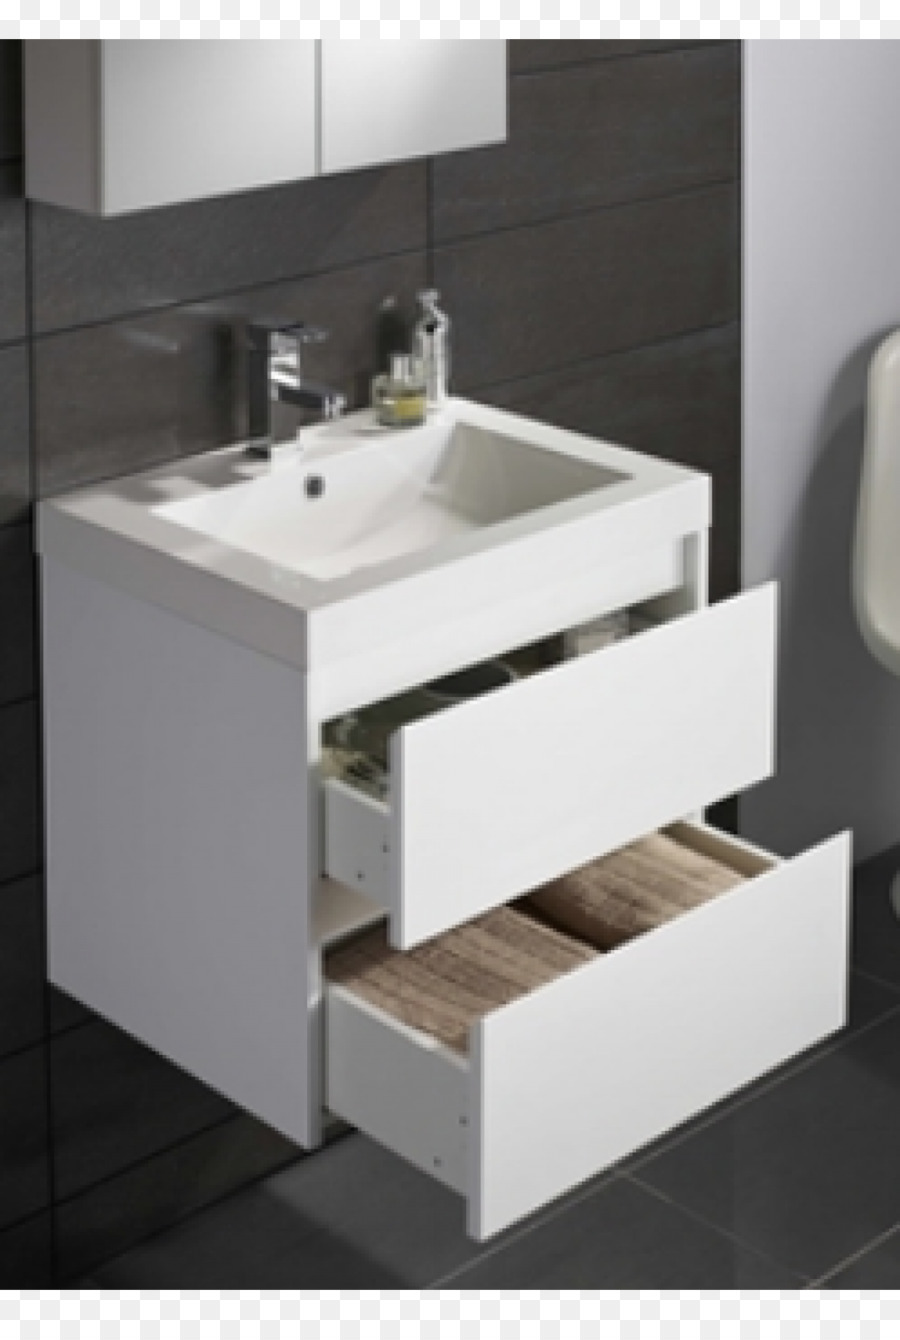 Badezimmer Schrank Schublade Waschbecken Schranke Waschbecken